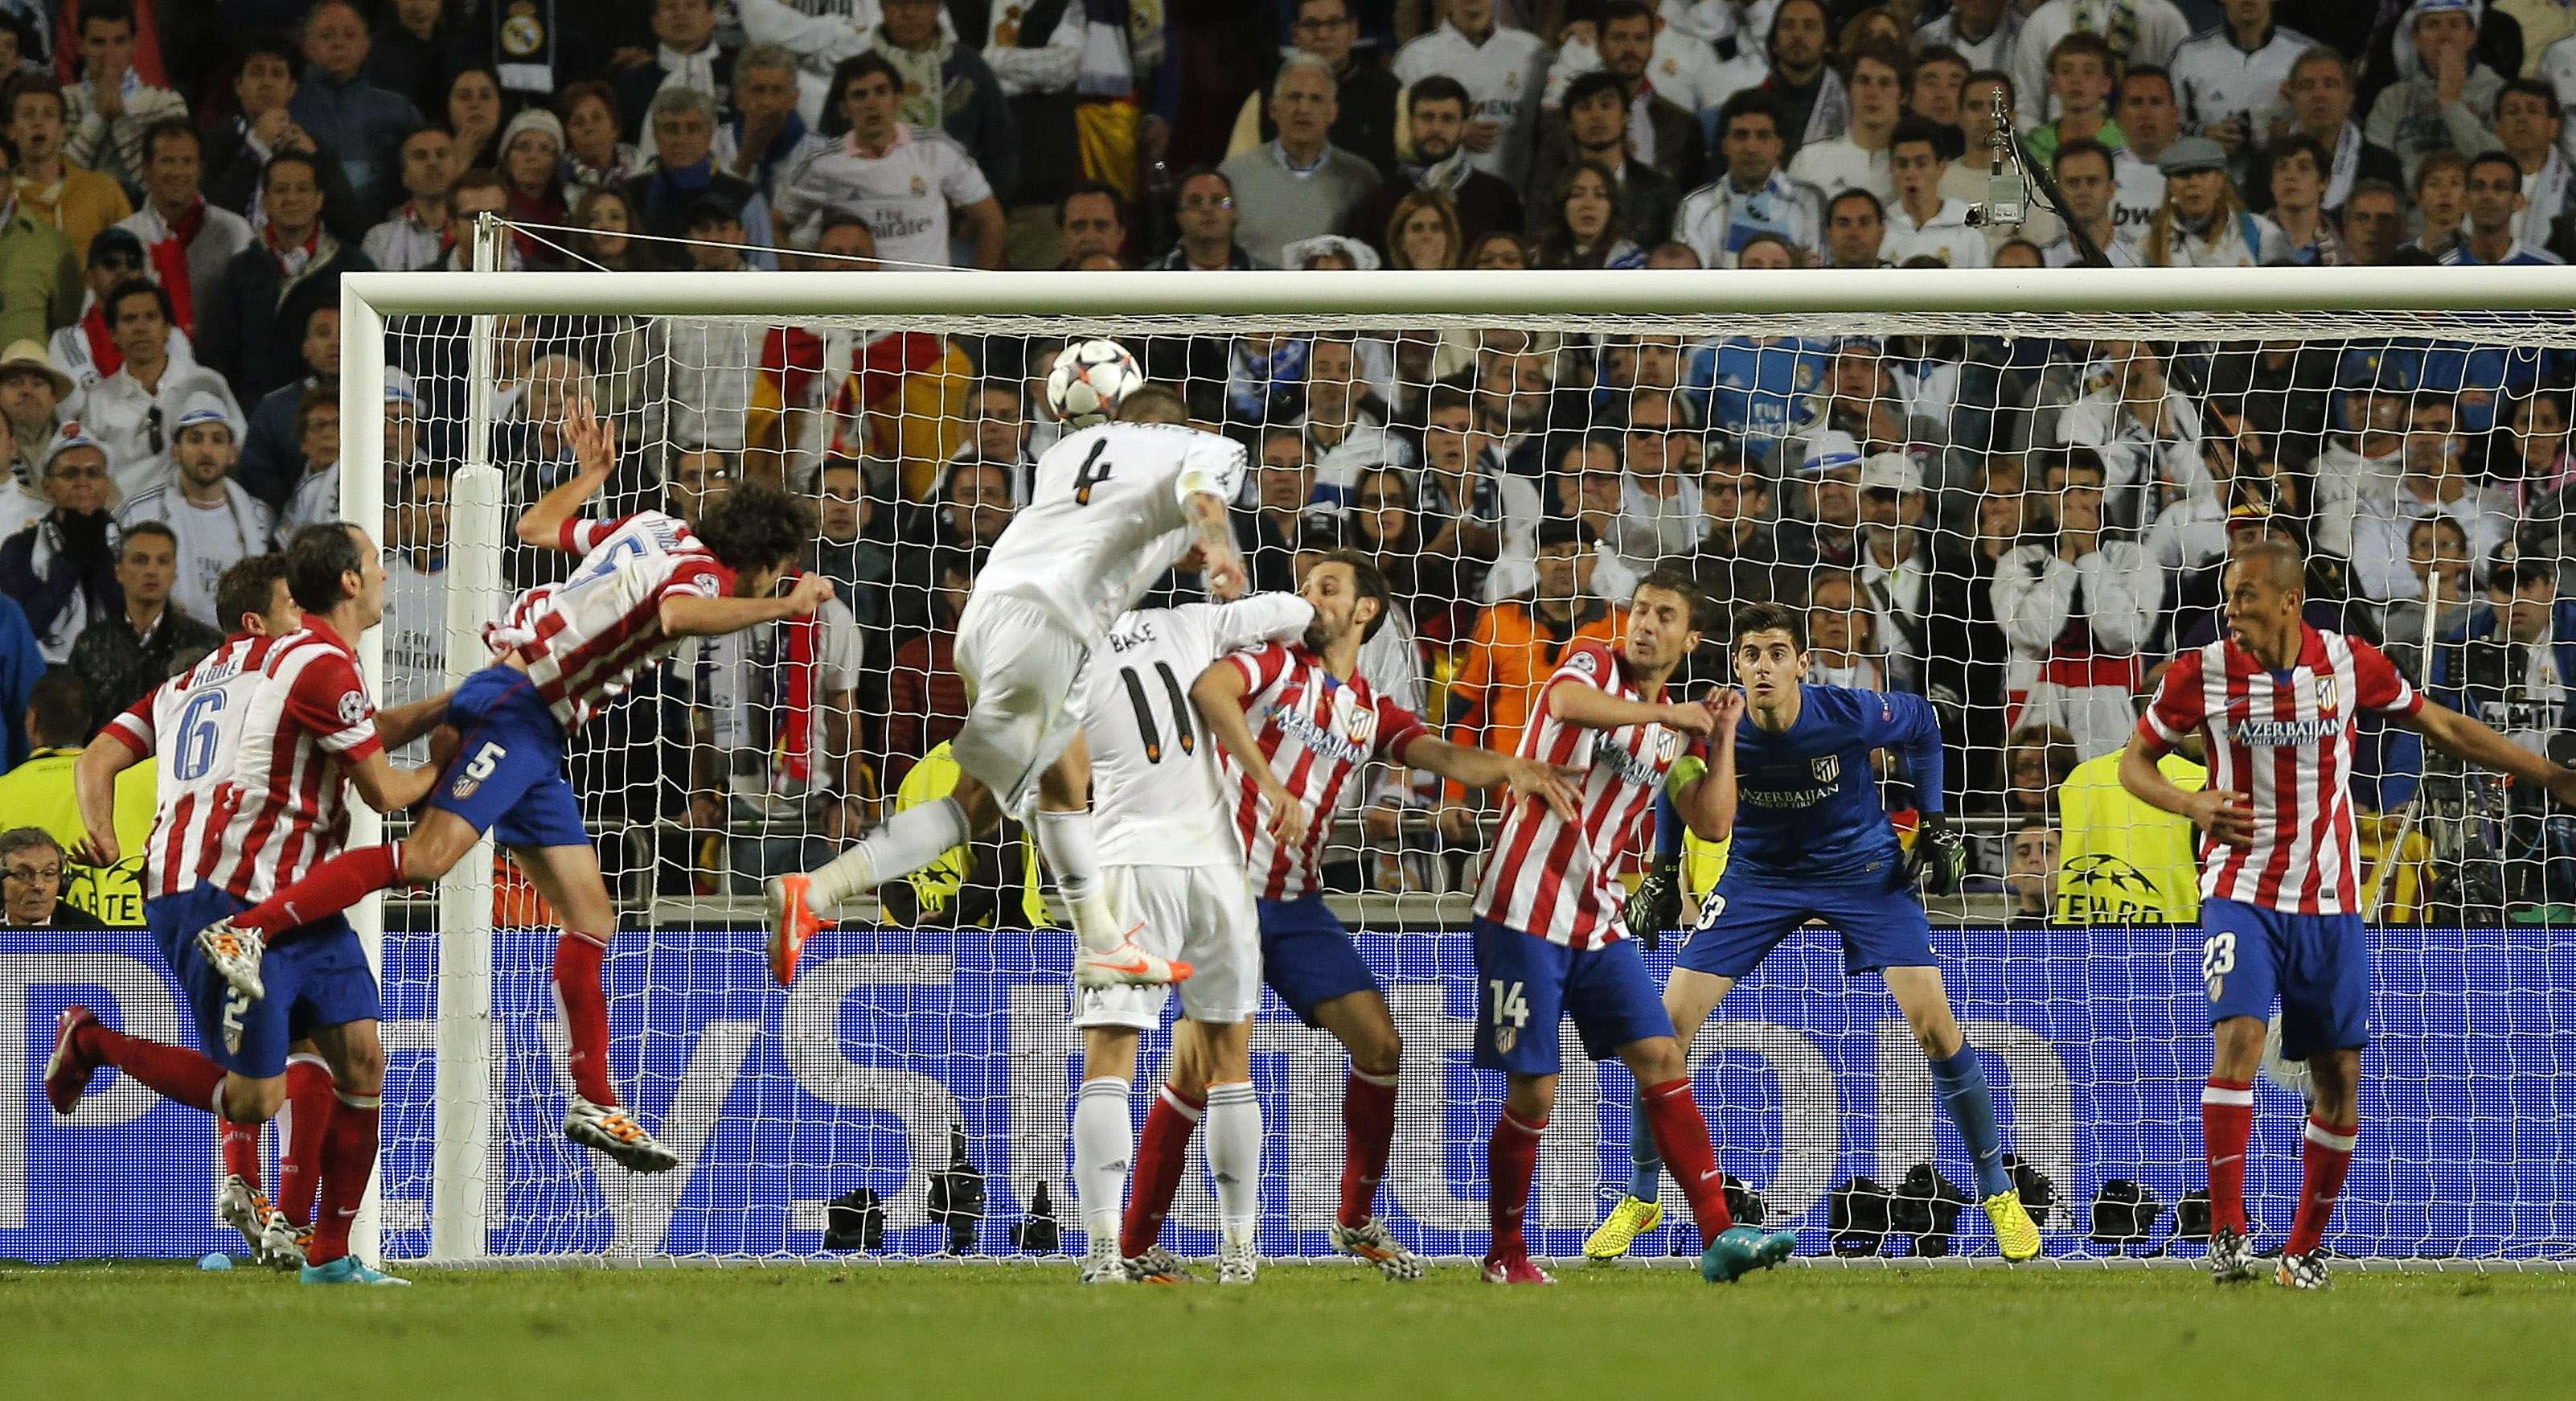 O jogo parecia definido, com vitória por 1 a 0 para o Atlético de Madrid, quando Sergio Ramos subiu mais que a defesa adversária após cobrança de escanteio e empatou Foto: AP